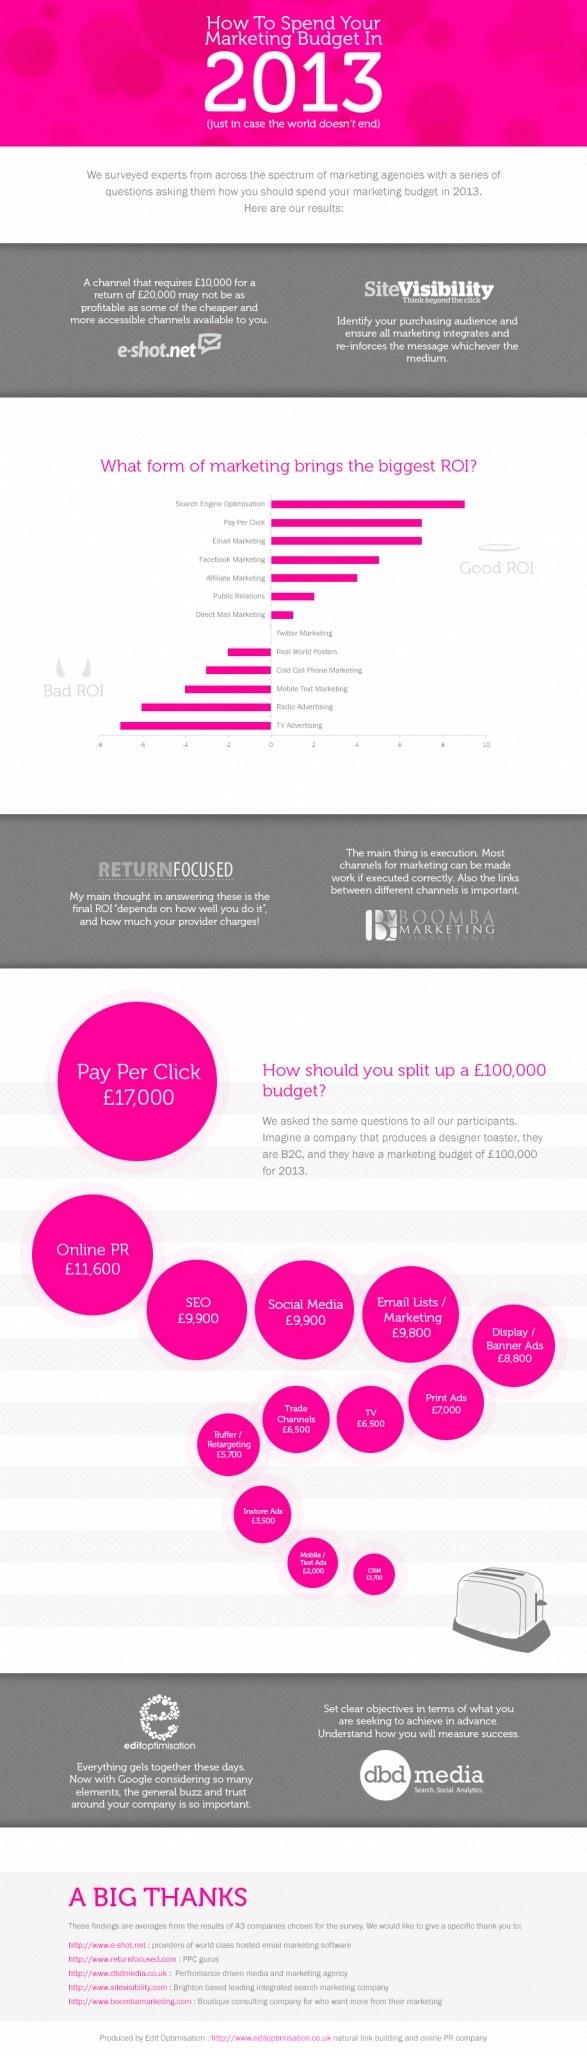 Infografica marketing 2013: consigli utili su come investire il budget online #infographic